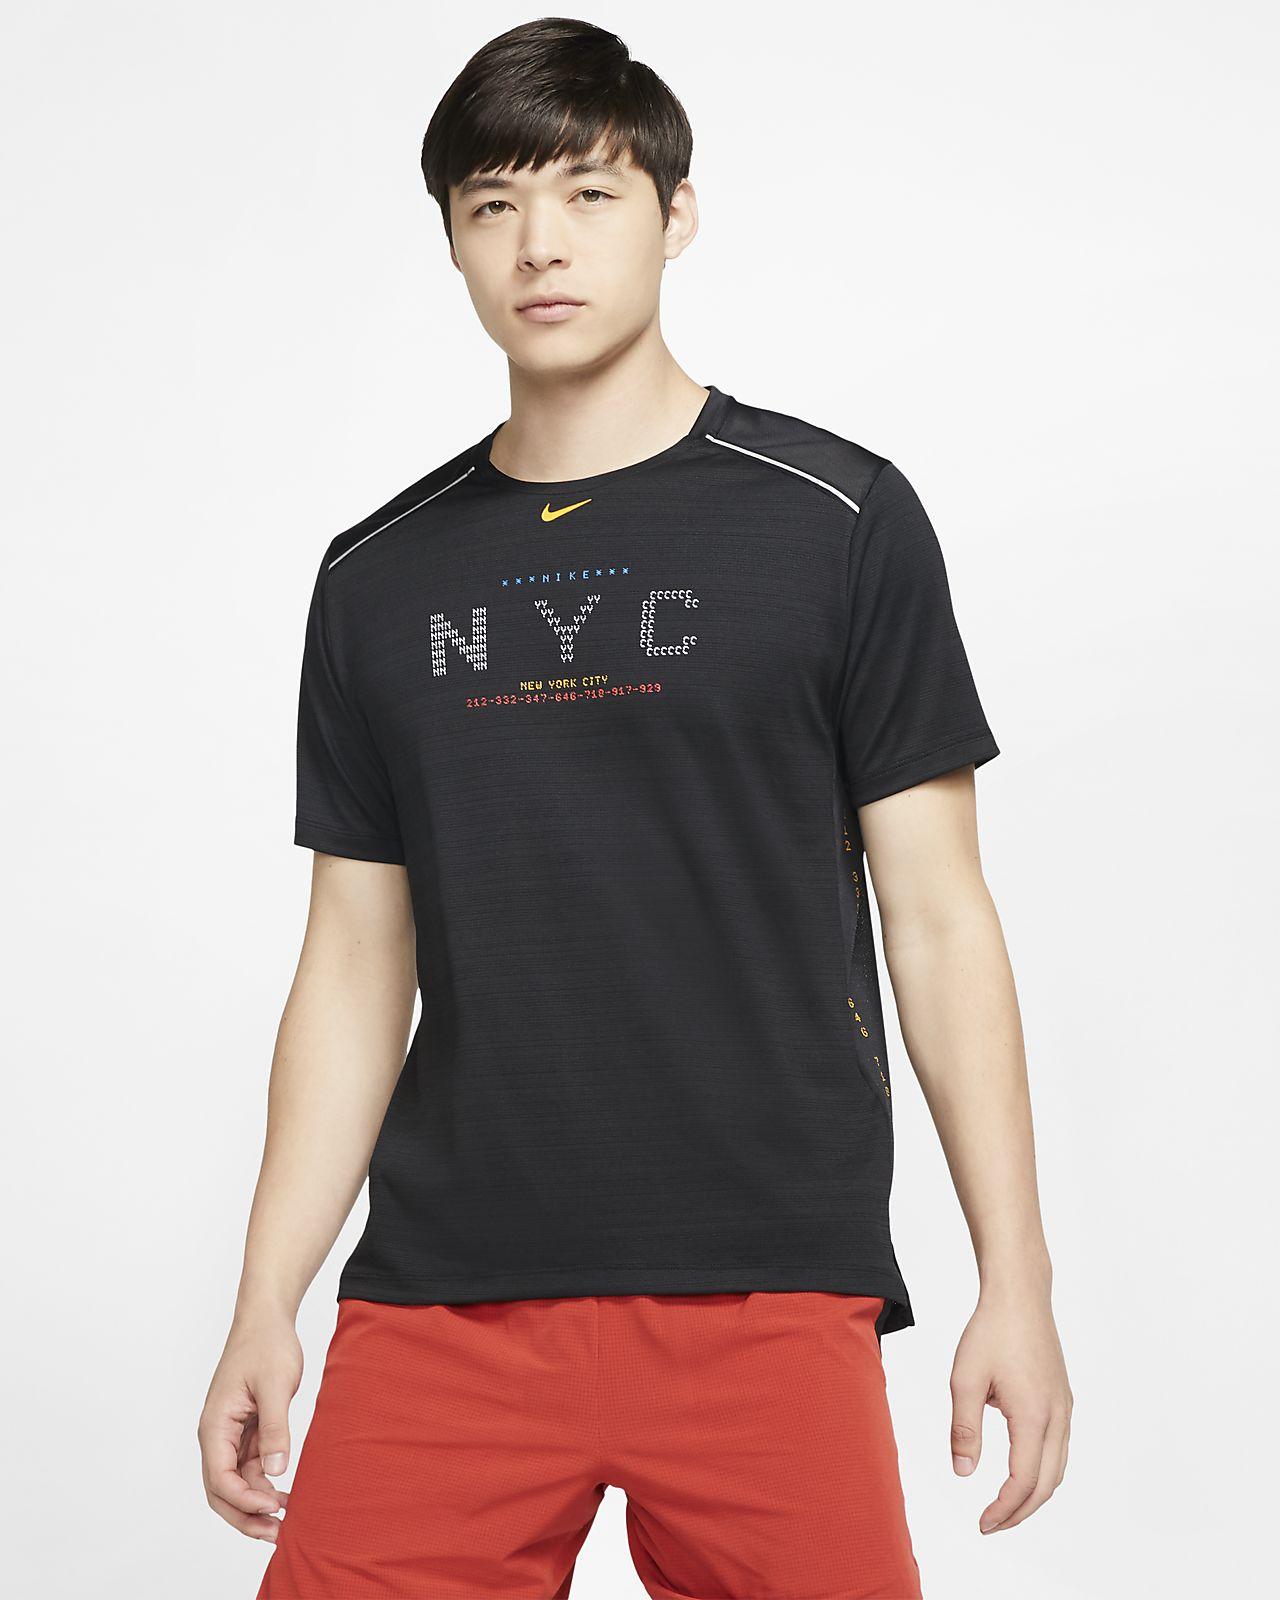 Vêtements de sport Homme Nike Breathe Miler T Shirt Homme